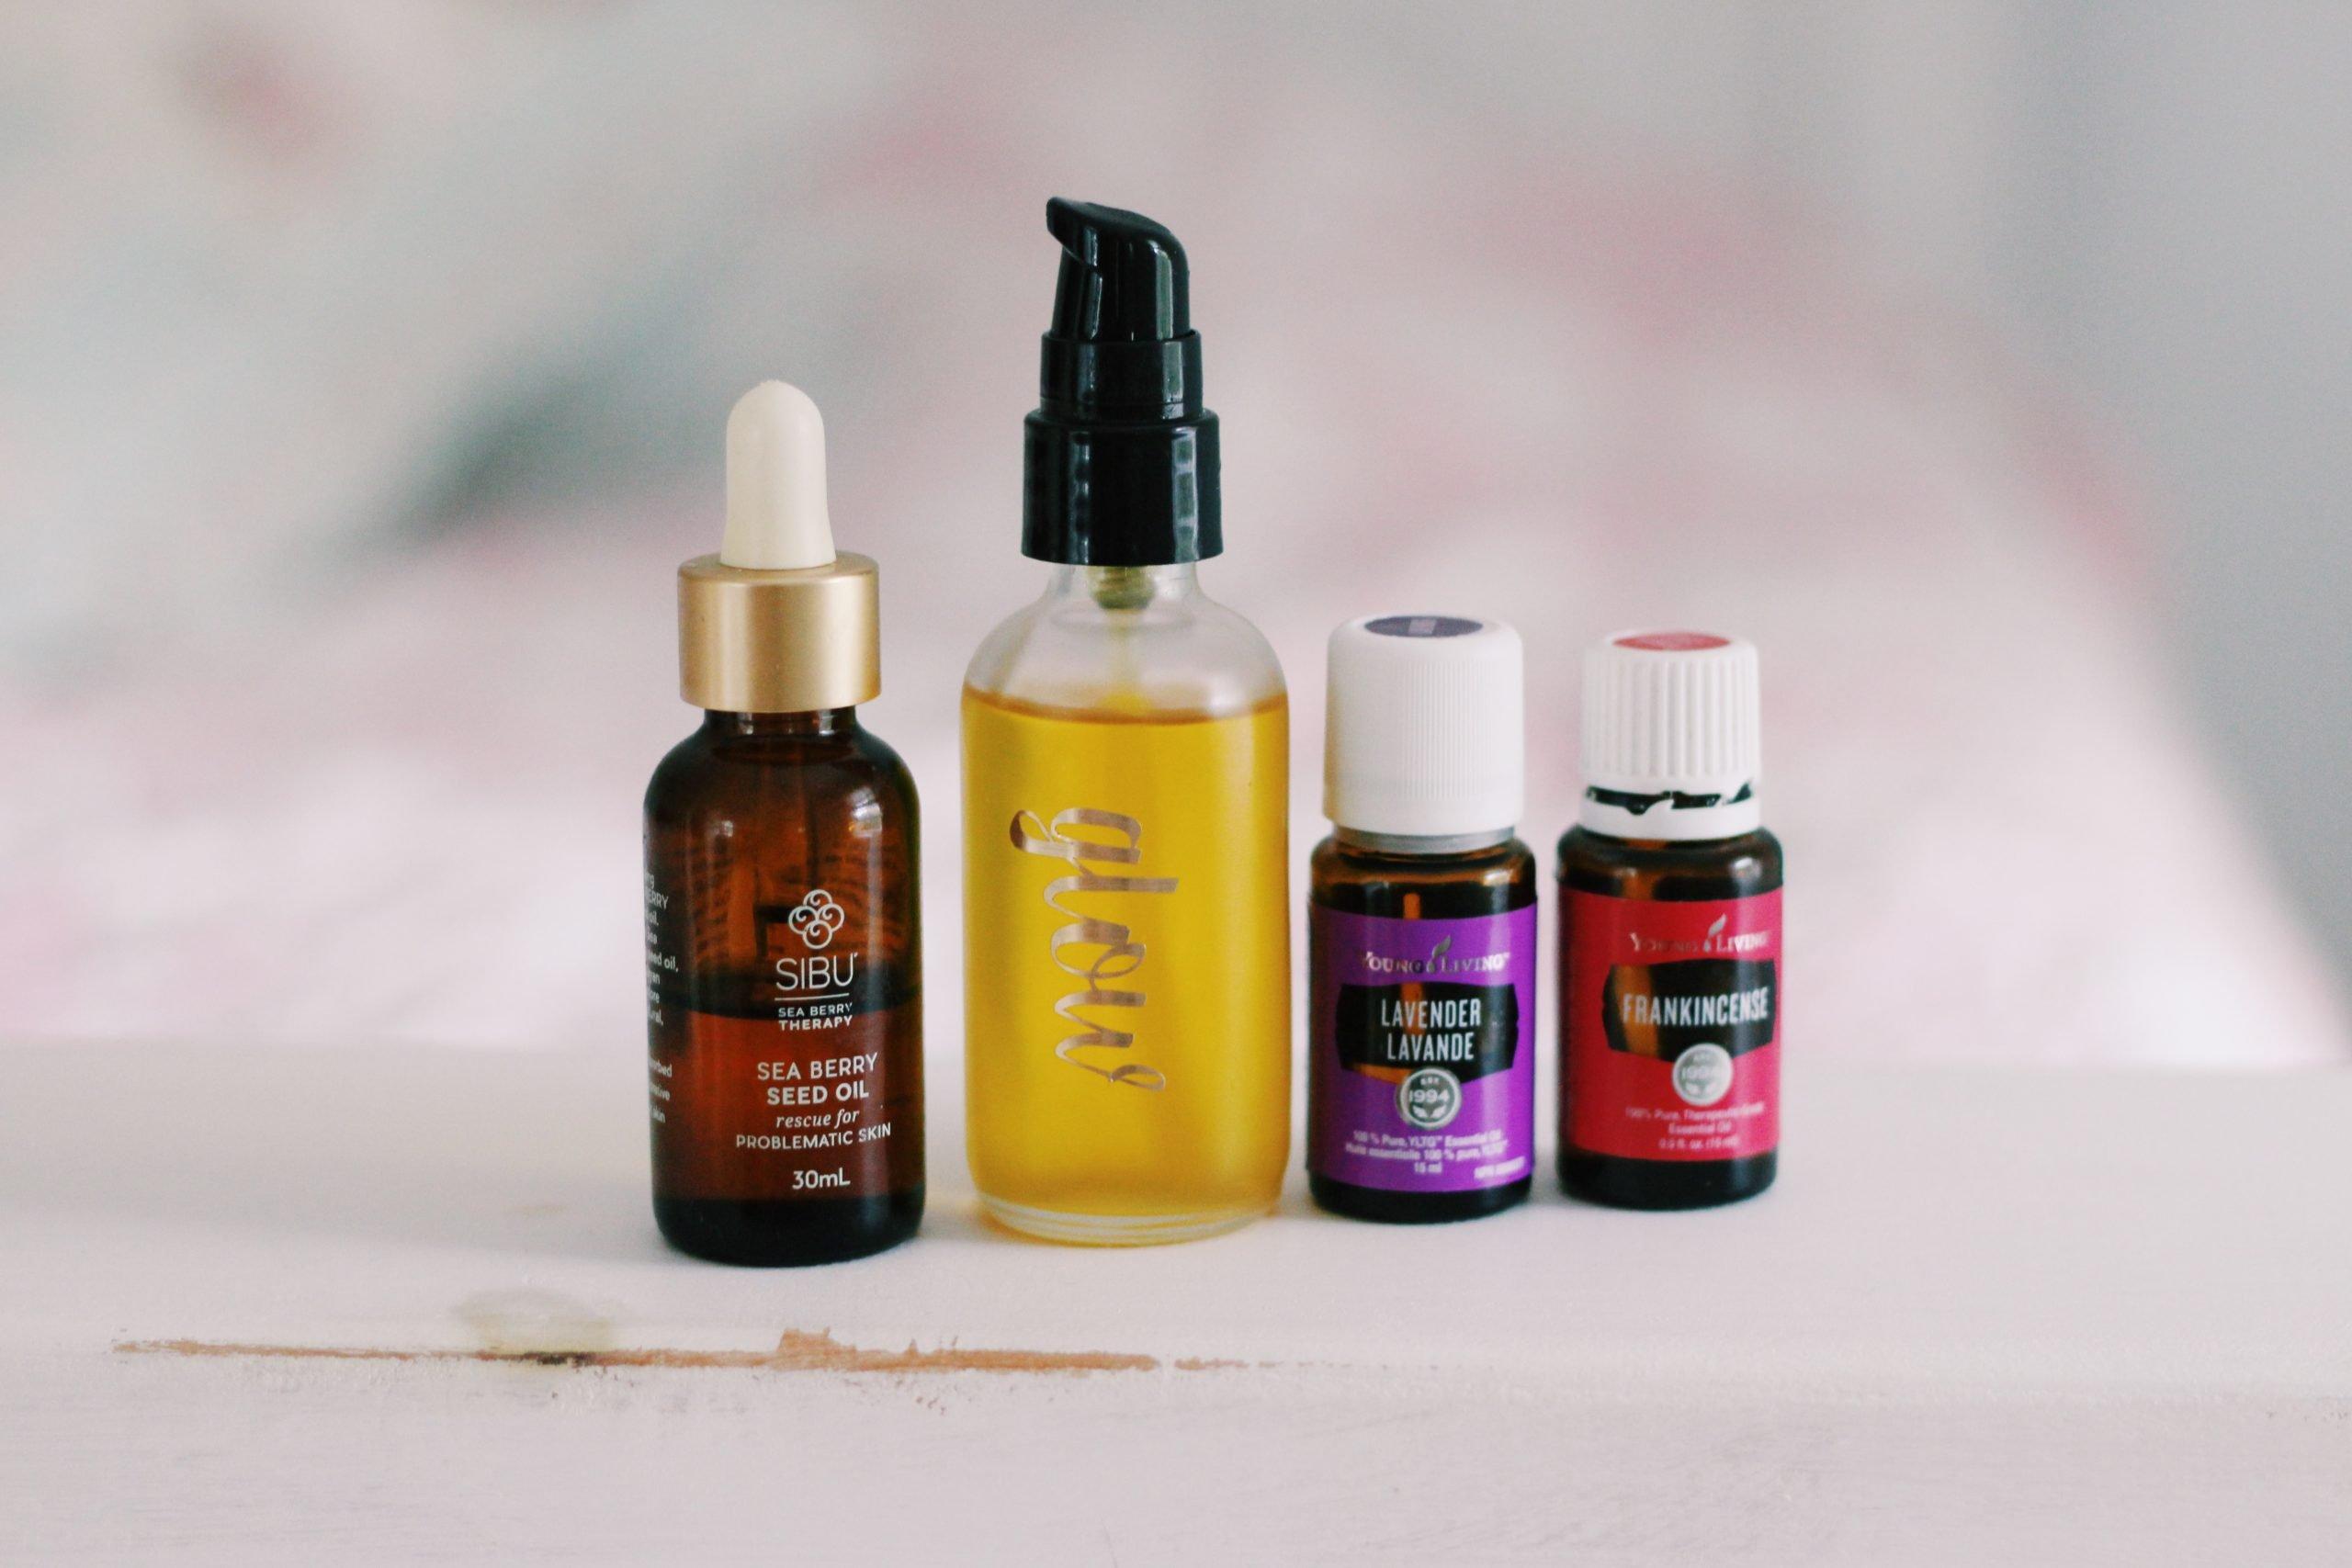 Glow - rejuvenating facial oil